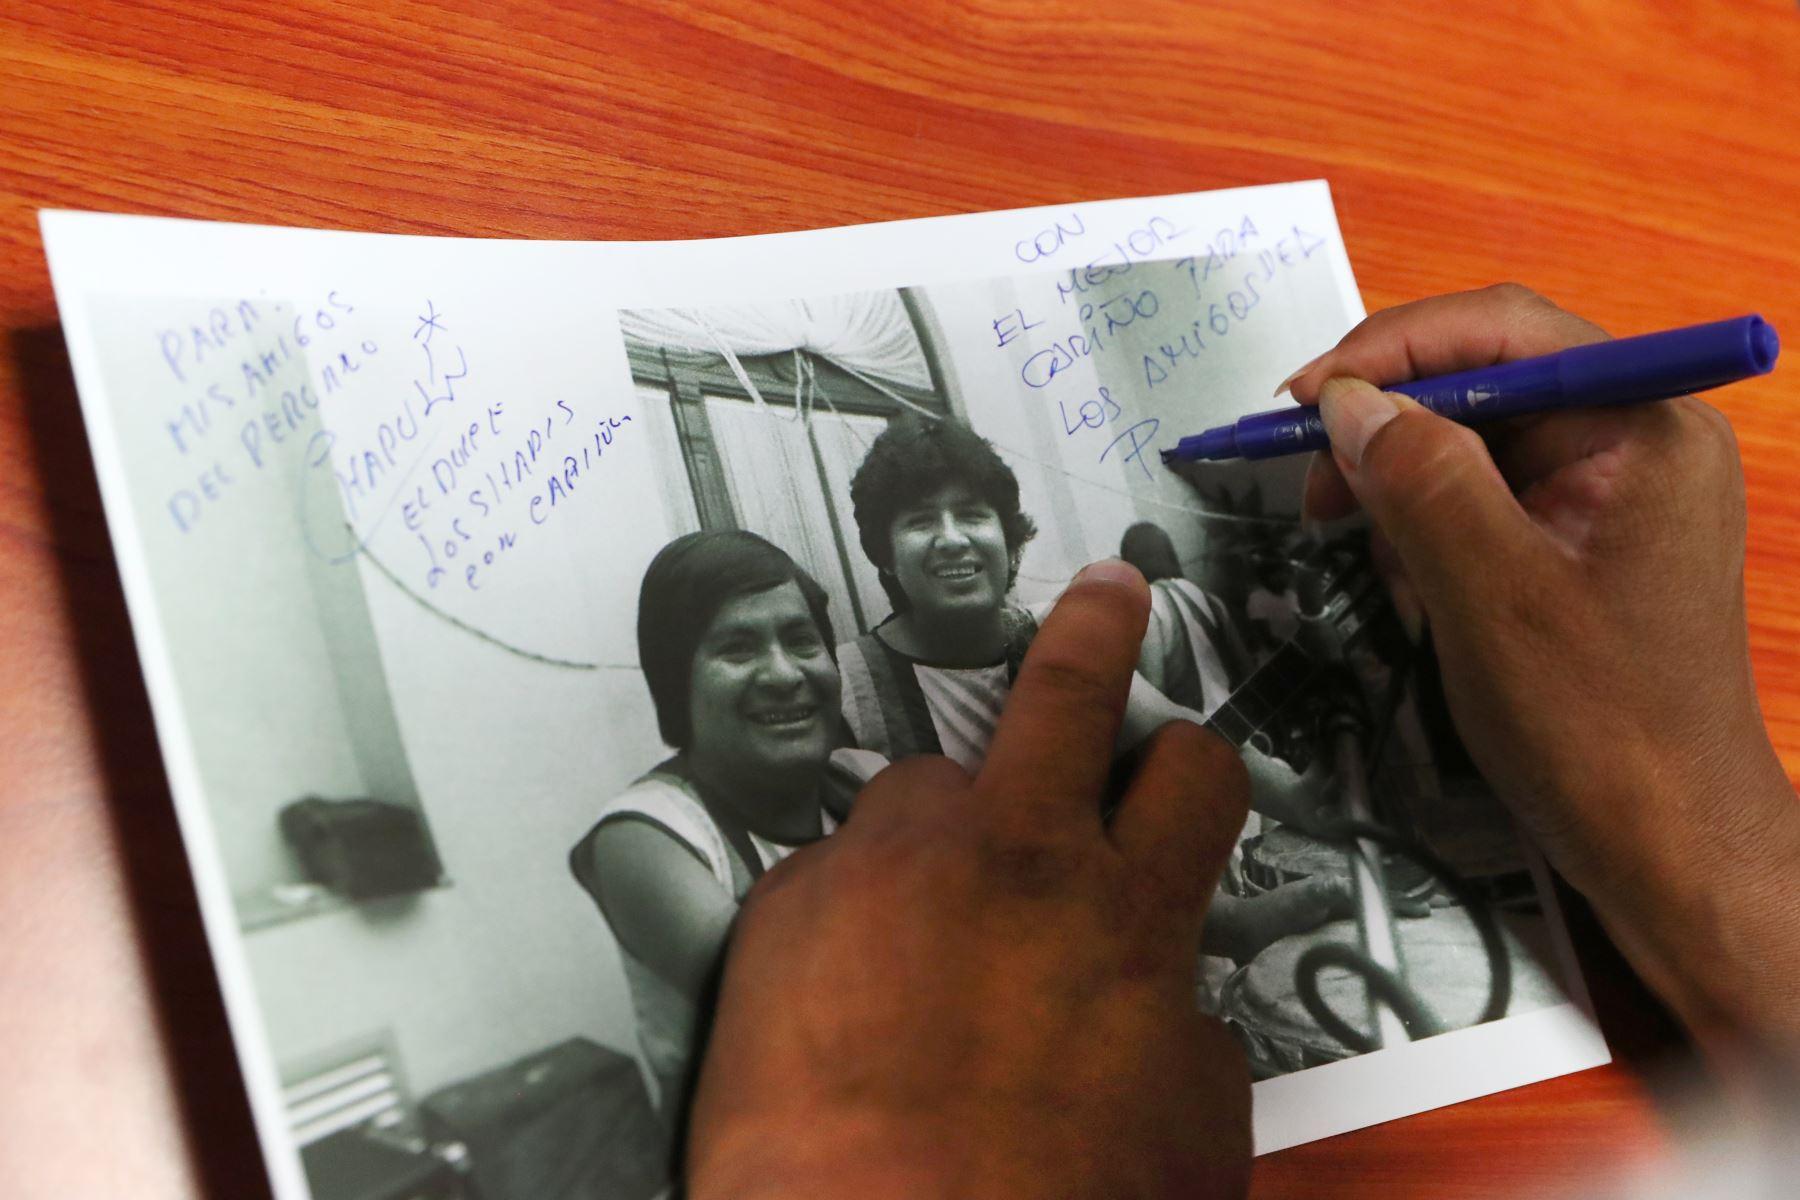 Nose dejaron su cariño estampado en una foto de nuestro archivo histórico. Foto: ANDINA/Melina Mejía